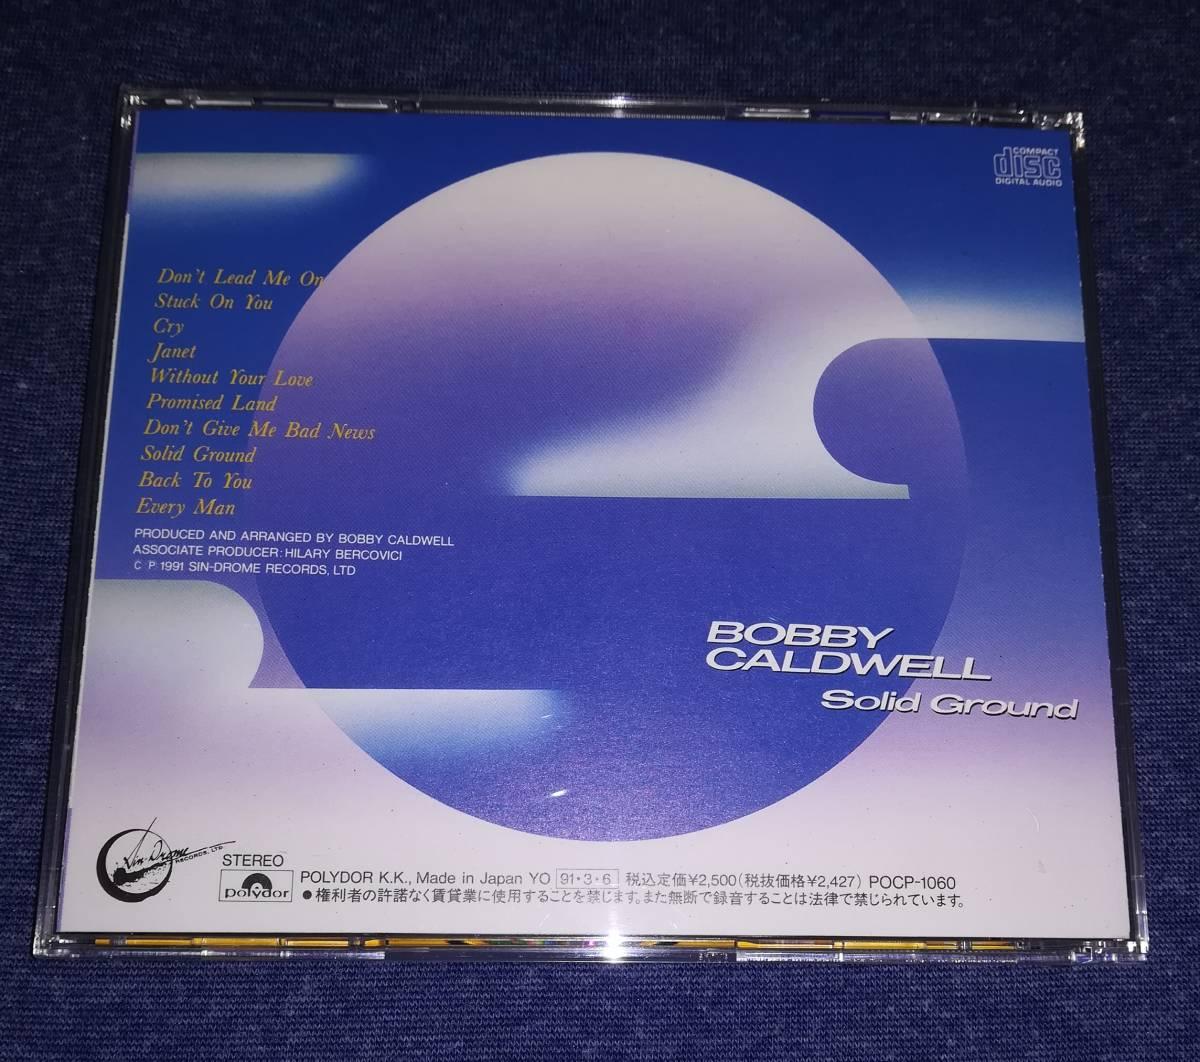 ☆☆ CD(AOR) ボビー・コールドウェル/ソリッド・グラウンド  Bobby Caldwell/Solid Ground POCP-1060 ☆☆_画像2